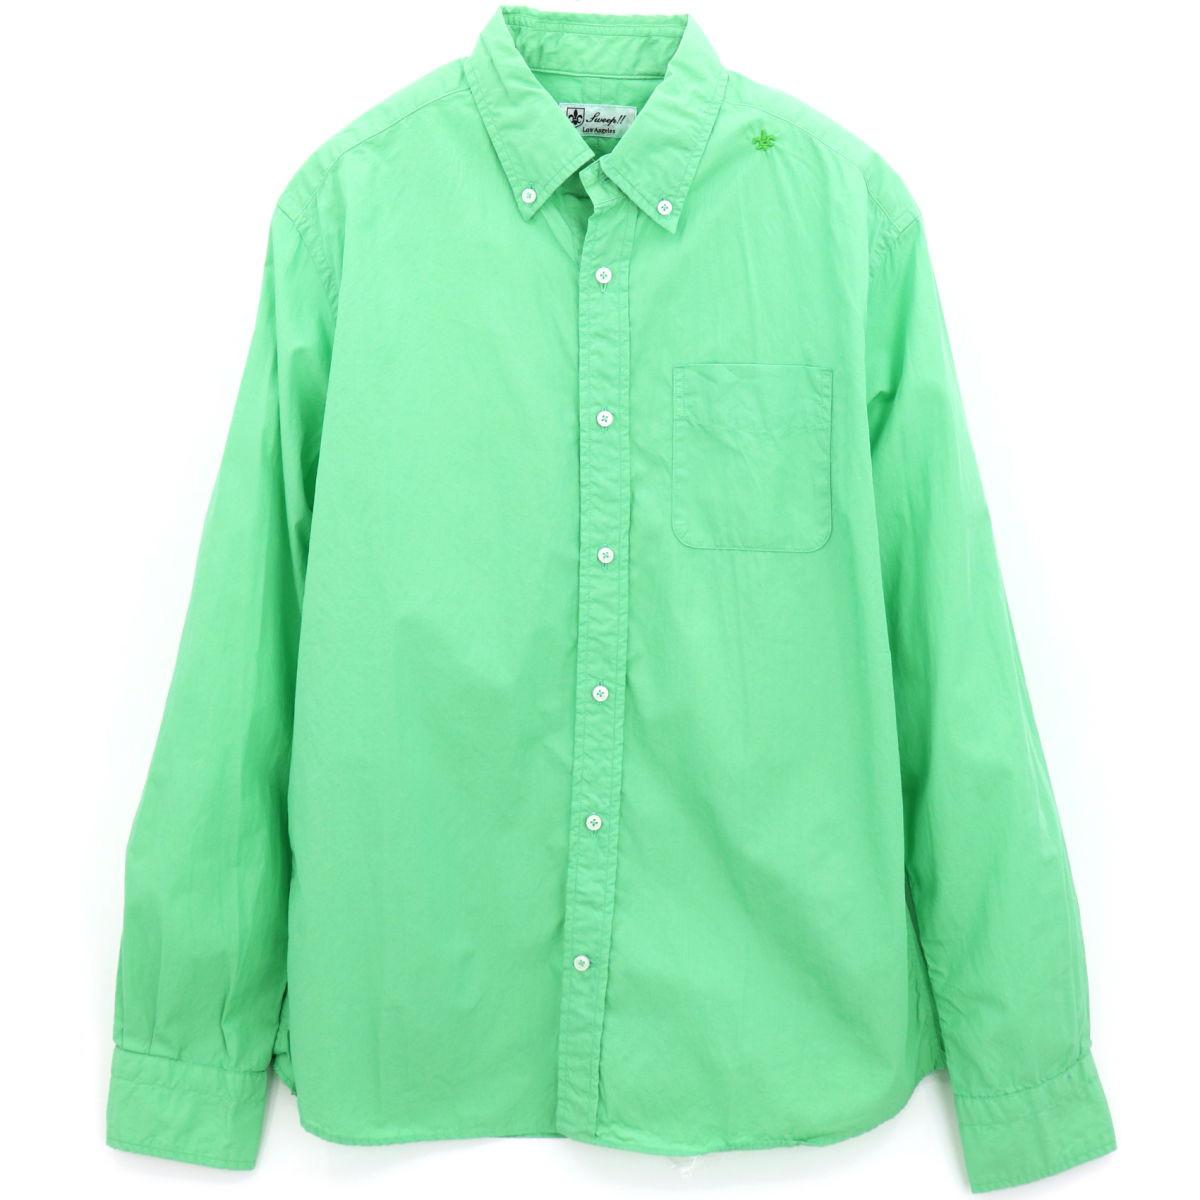 【50%OFF】ポプリン ボタンダウンシャツ GREEN (グリーン)